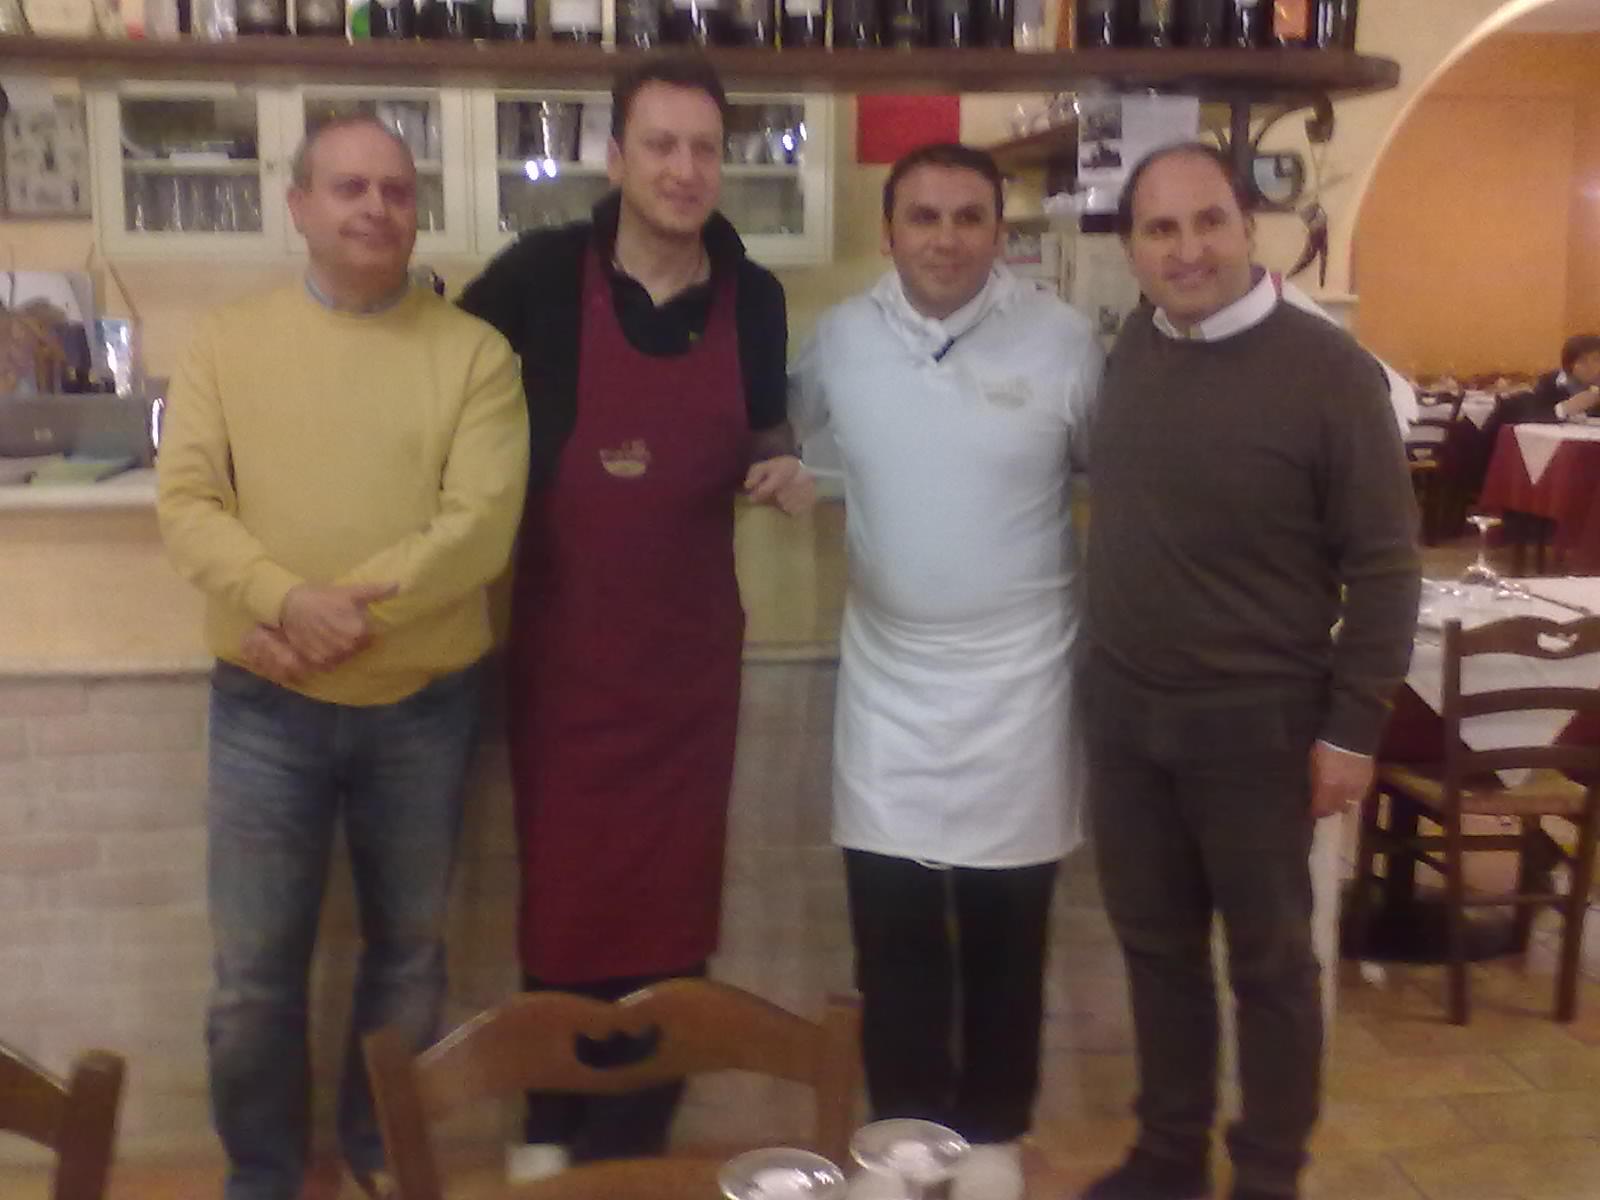 Stefano Salvatori, Nicola Cellini, Dino Baldassarre, Giulio Ficcadenti